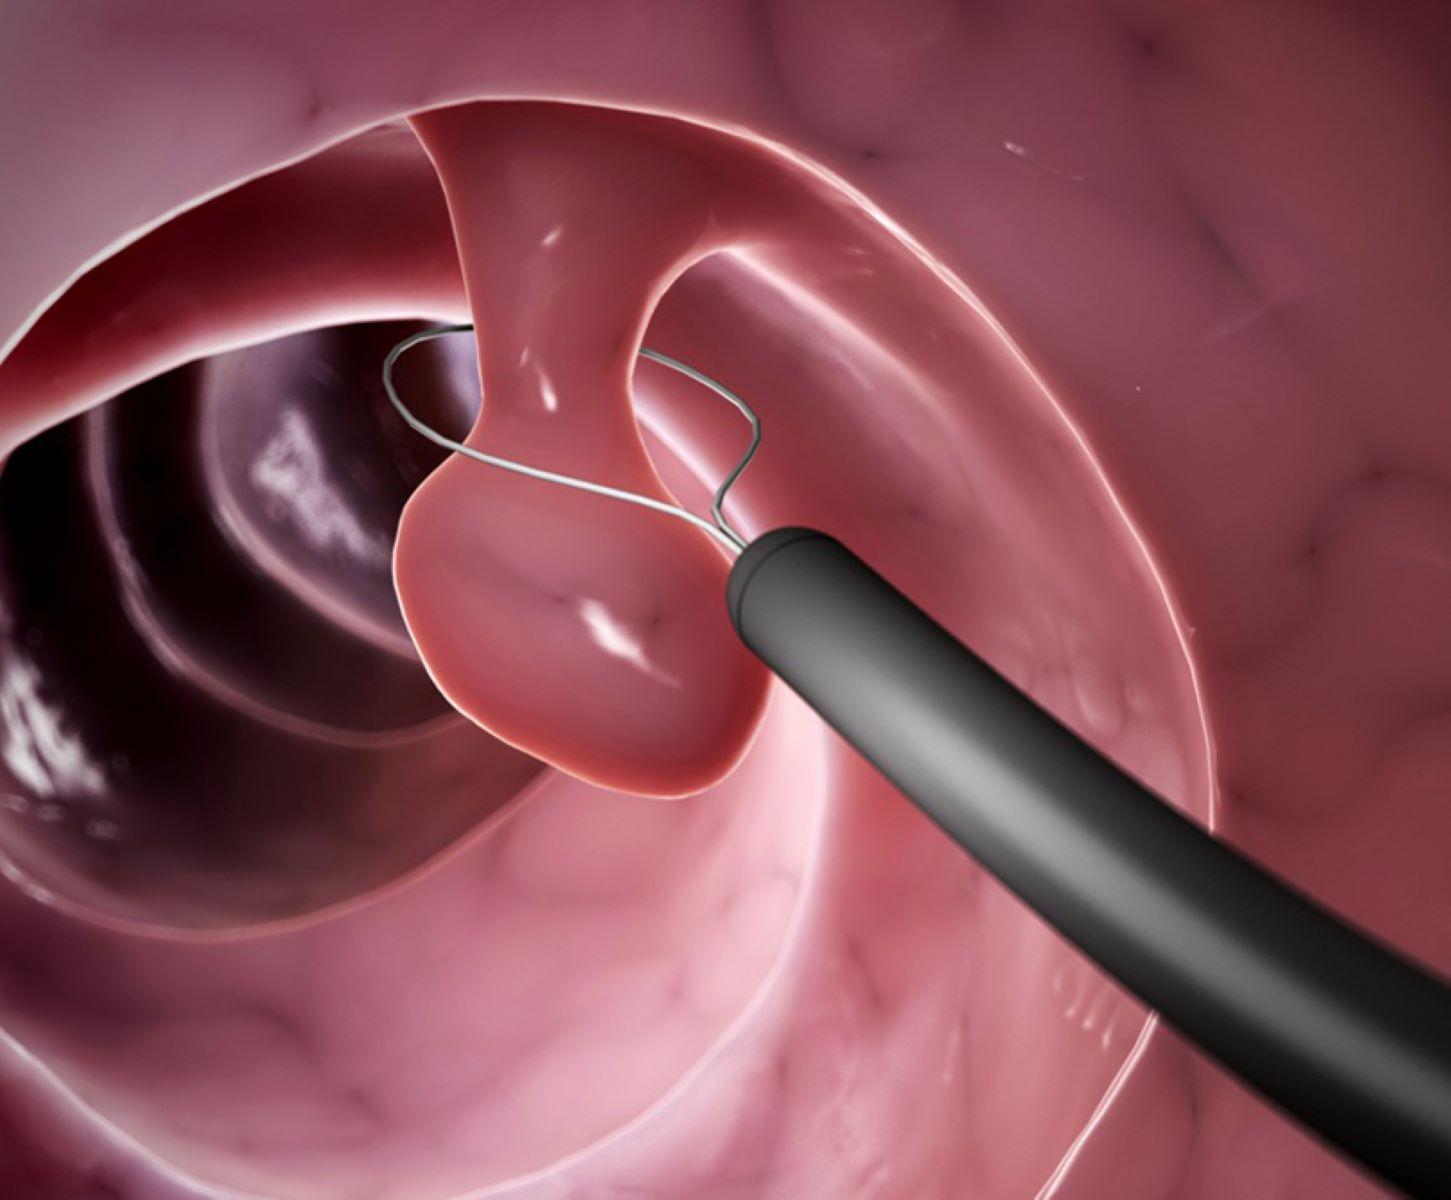 Κολονοσκόπηση εξέταση : Για την πρόληψη του καρκίνου του παχέος εντέρου